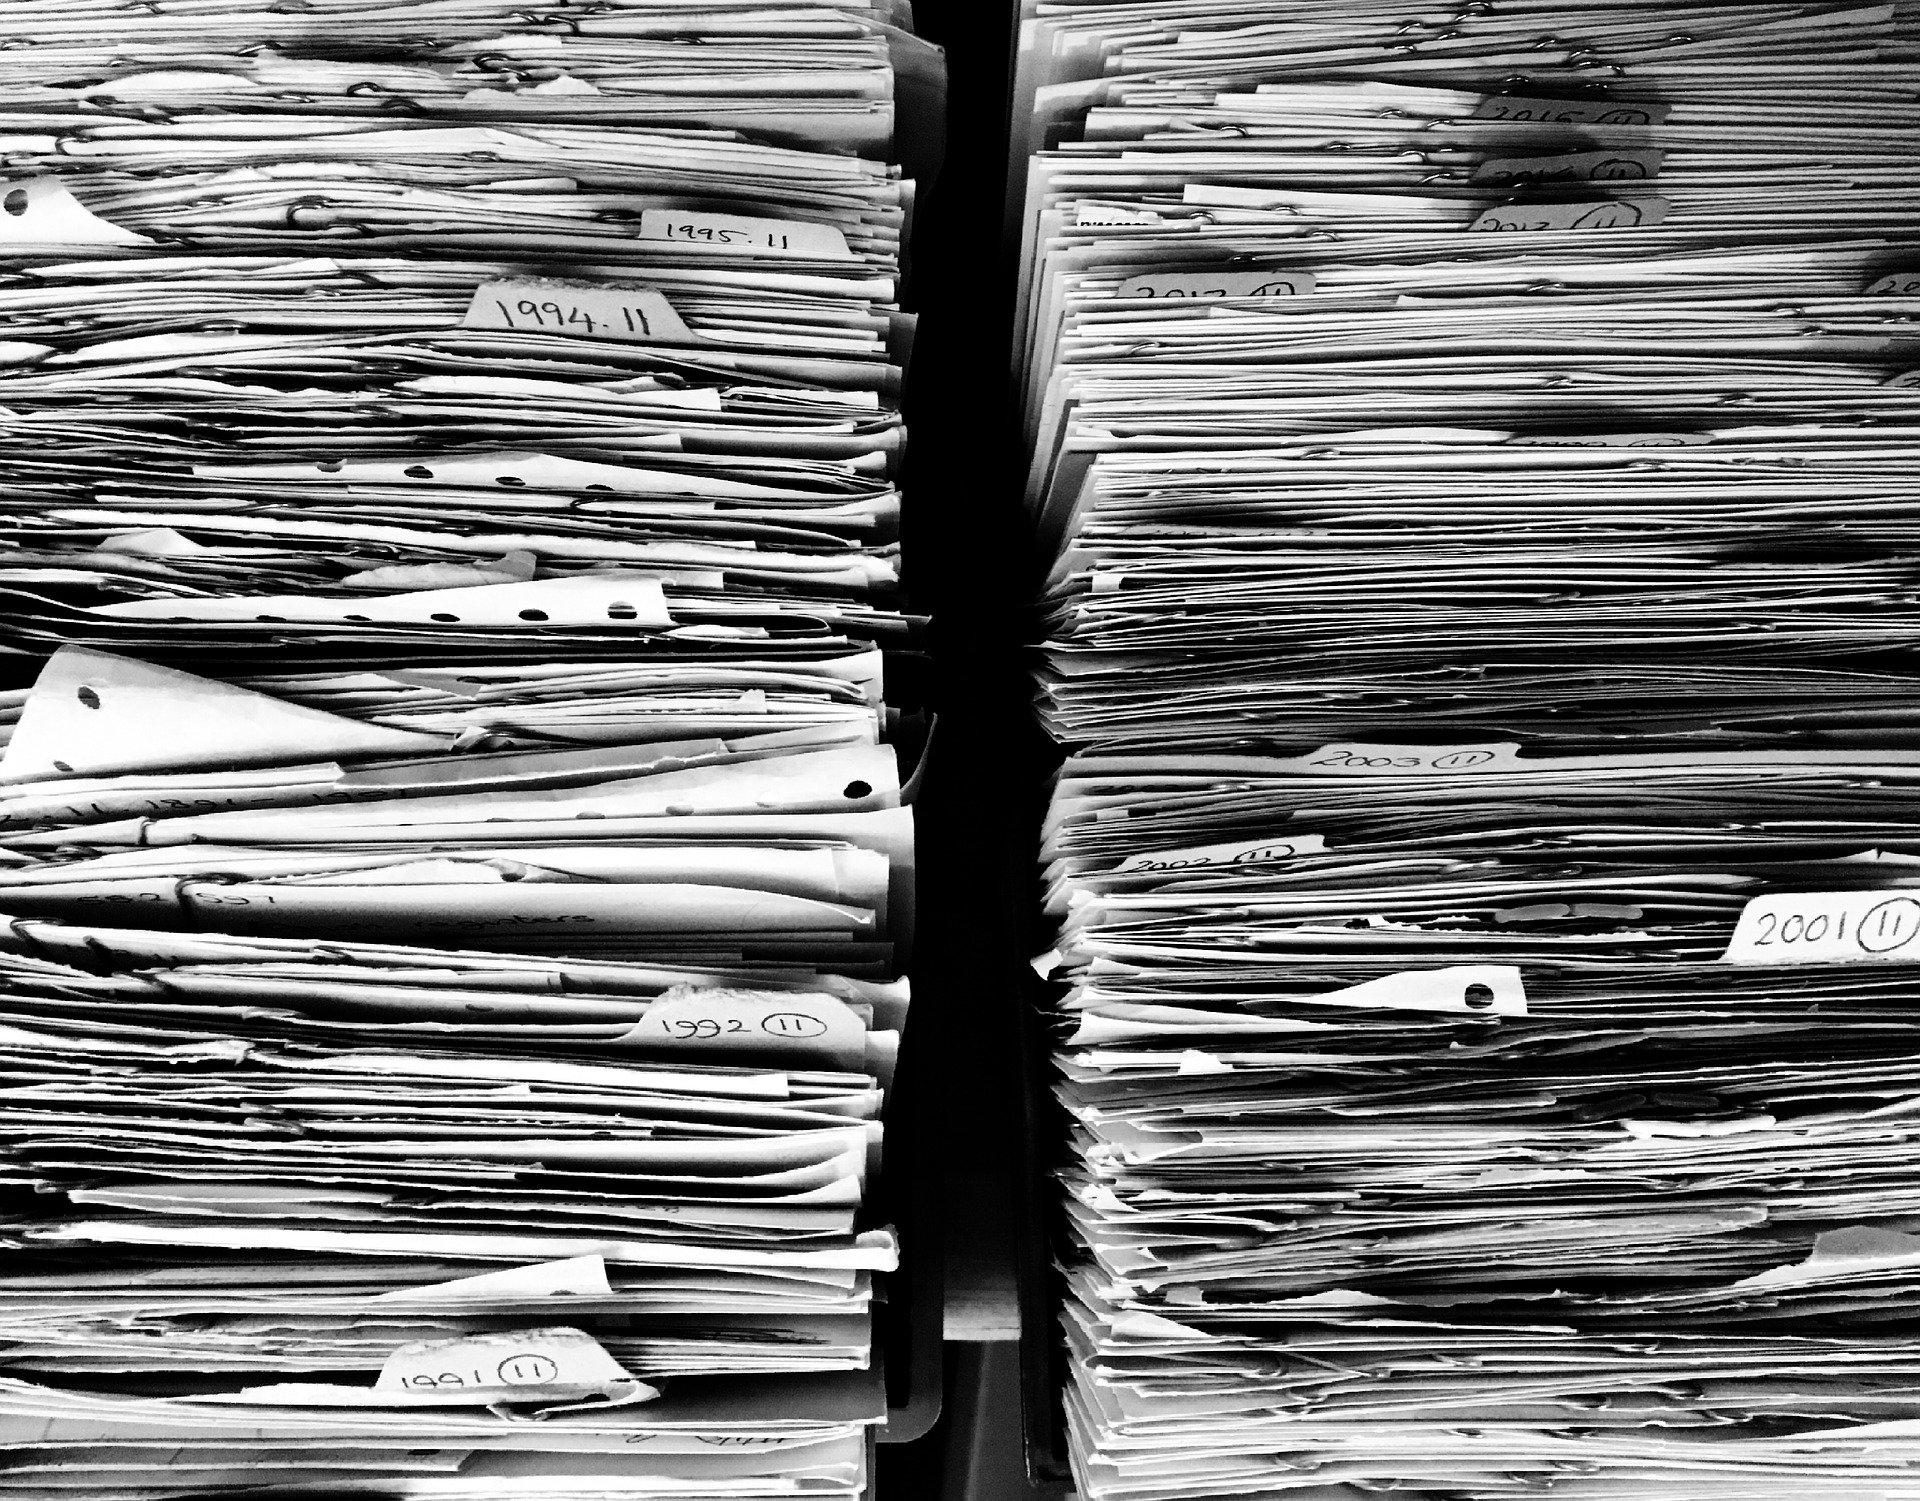 Щодо подання документів у повному вигляді